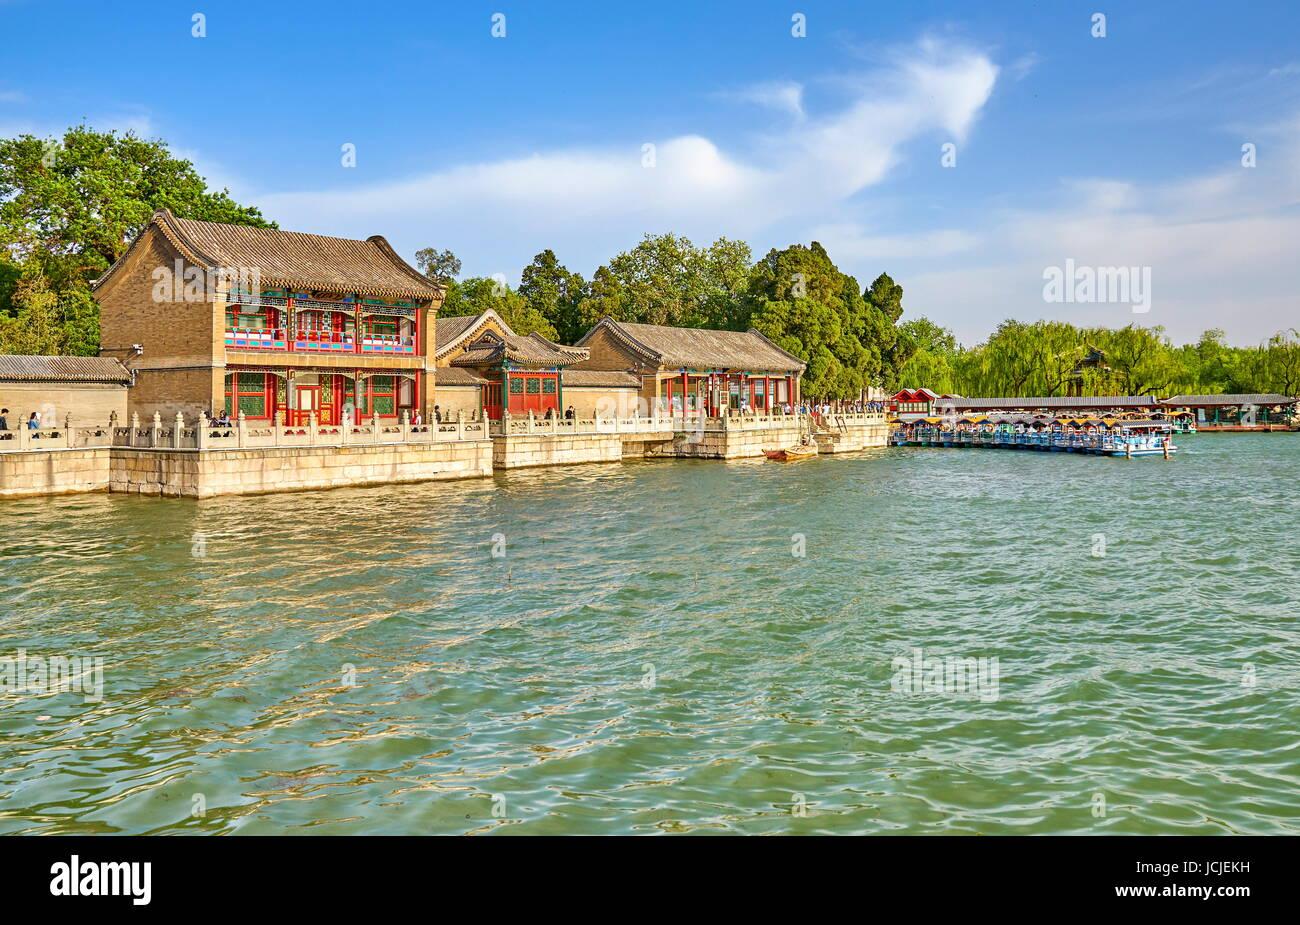 Le Lac de Kunming près de Summer Palace, Beijing, Chine Photo Stock